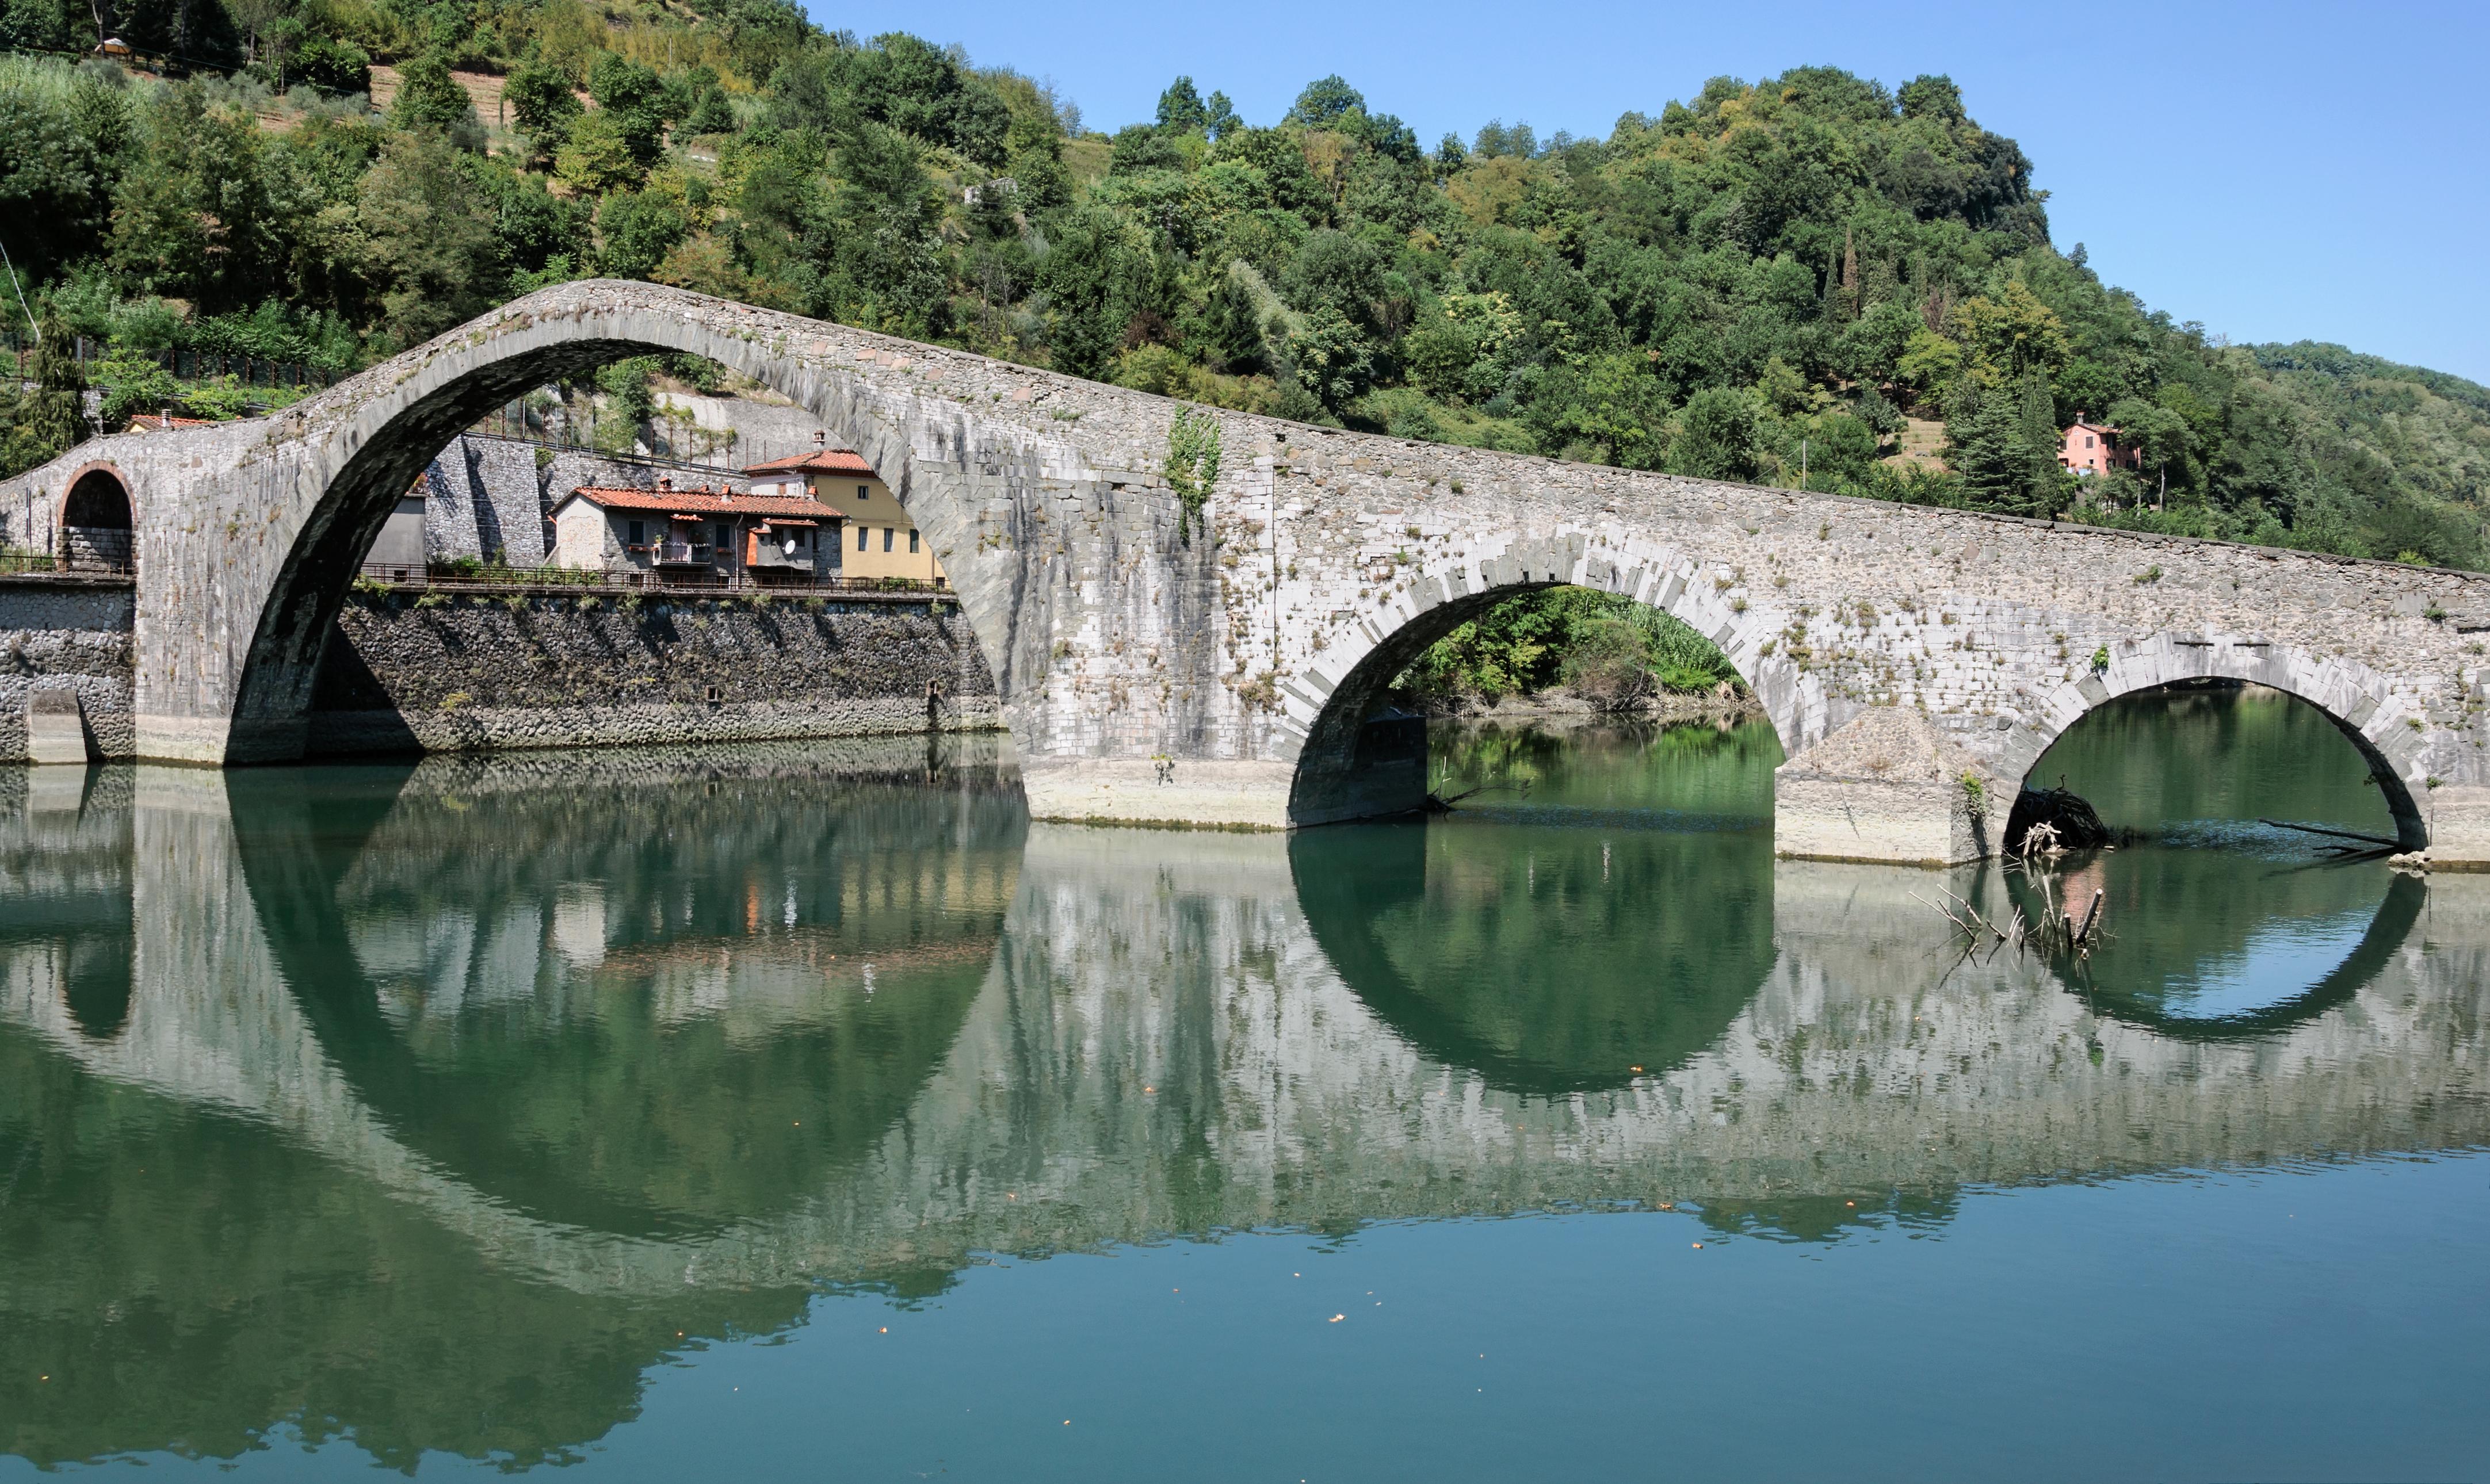 ponte-del-diavolo-o-della-maddalena-secret-world